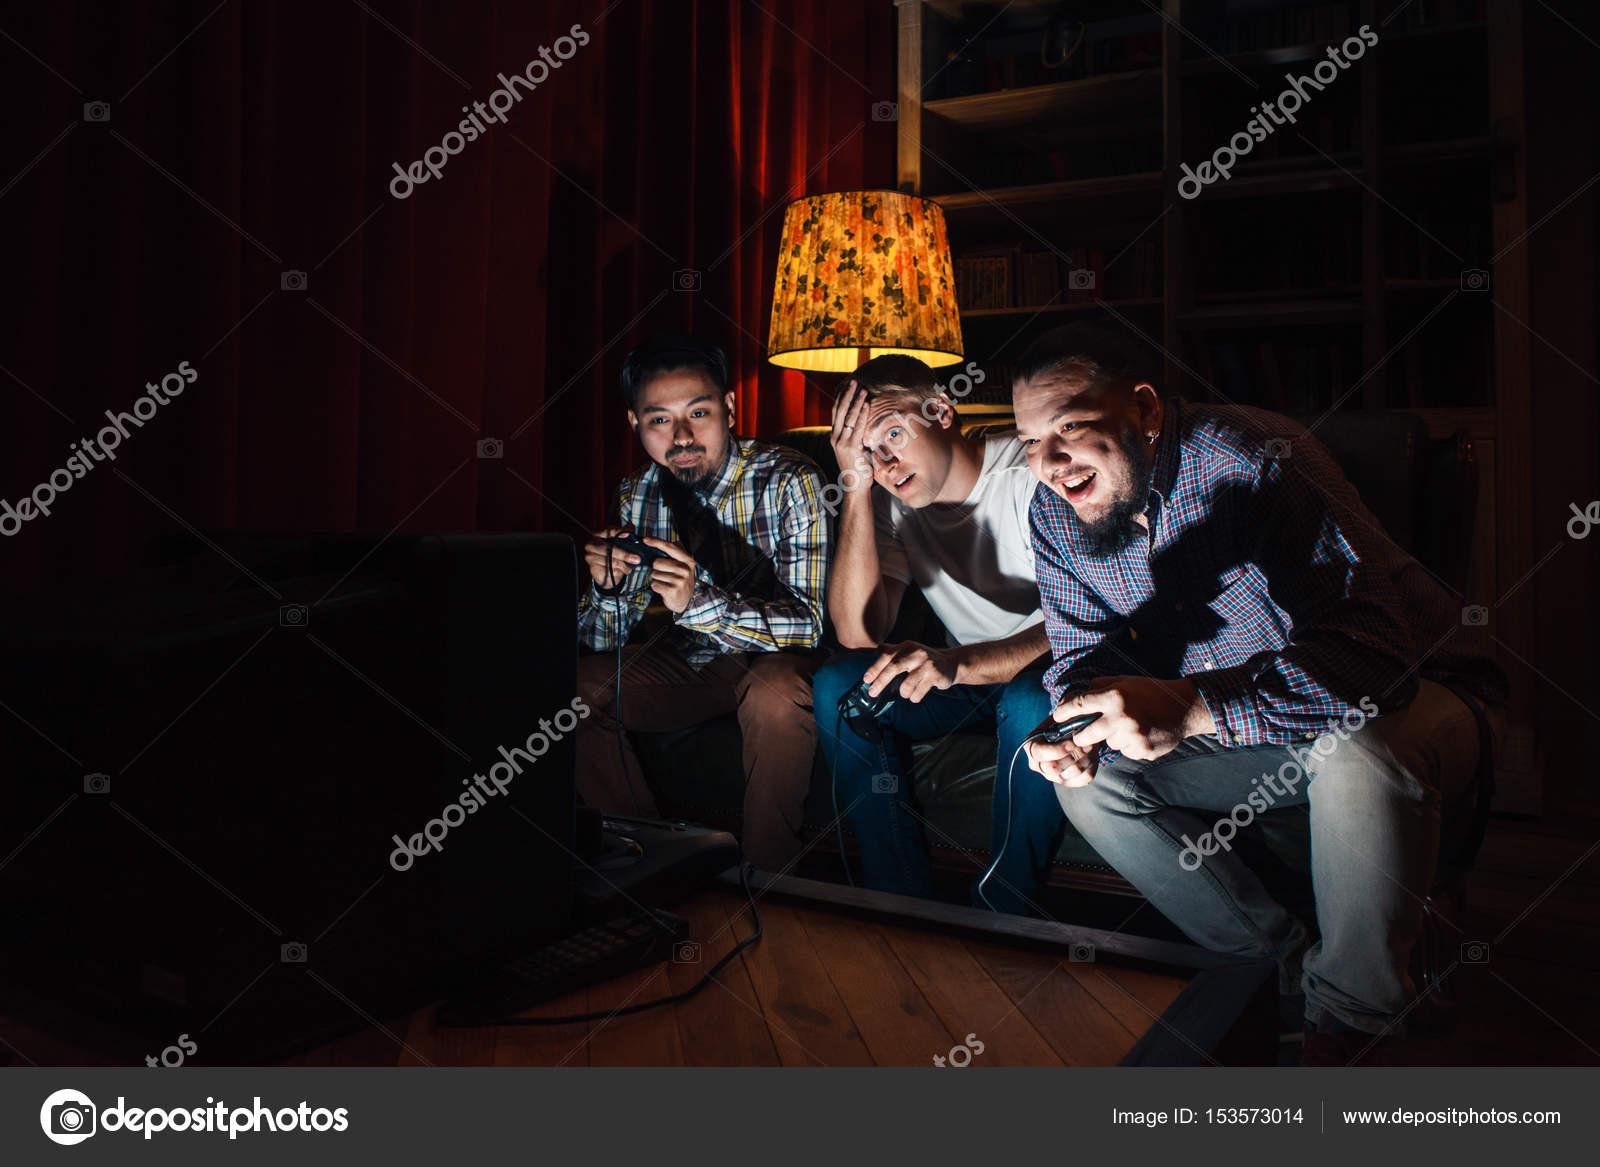 Three guys play around